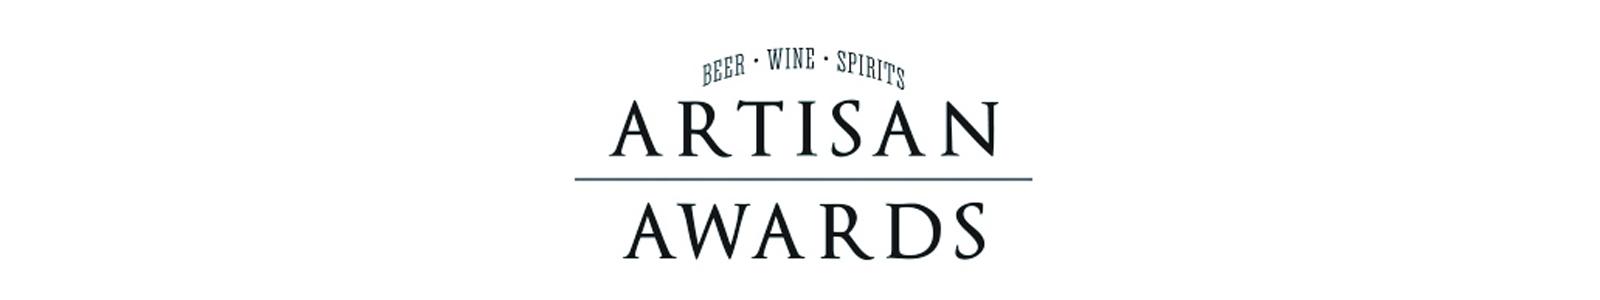 artisan-awards